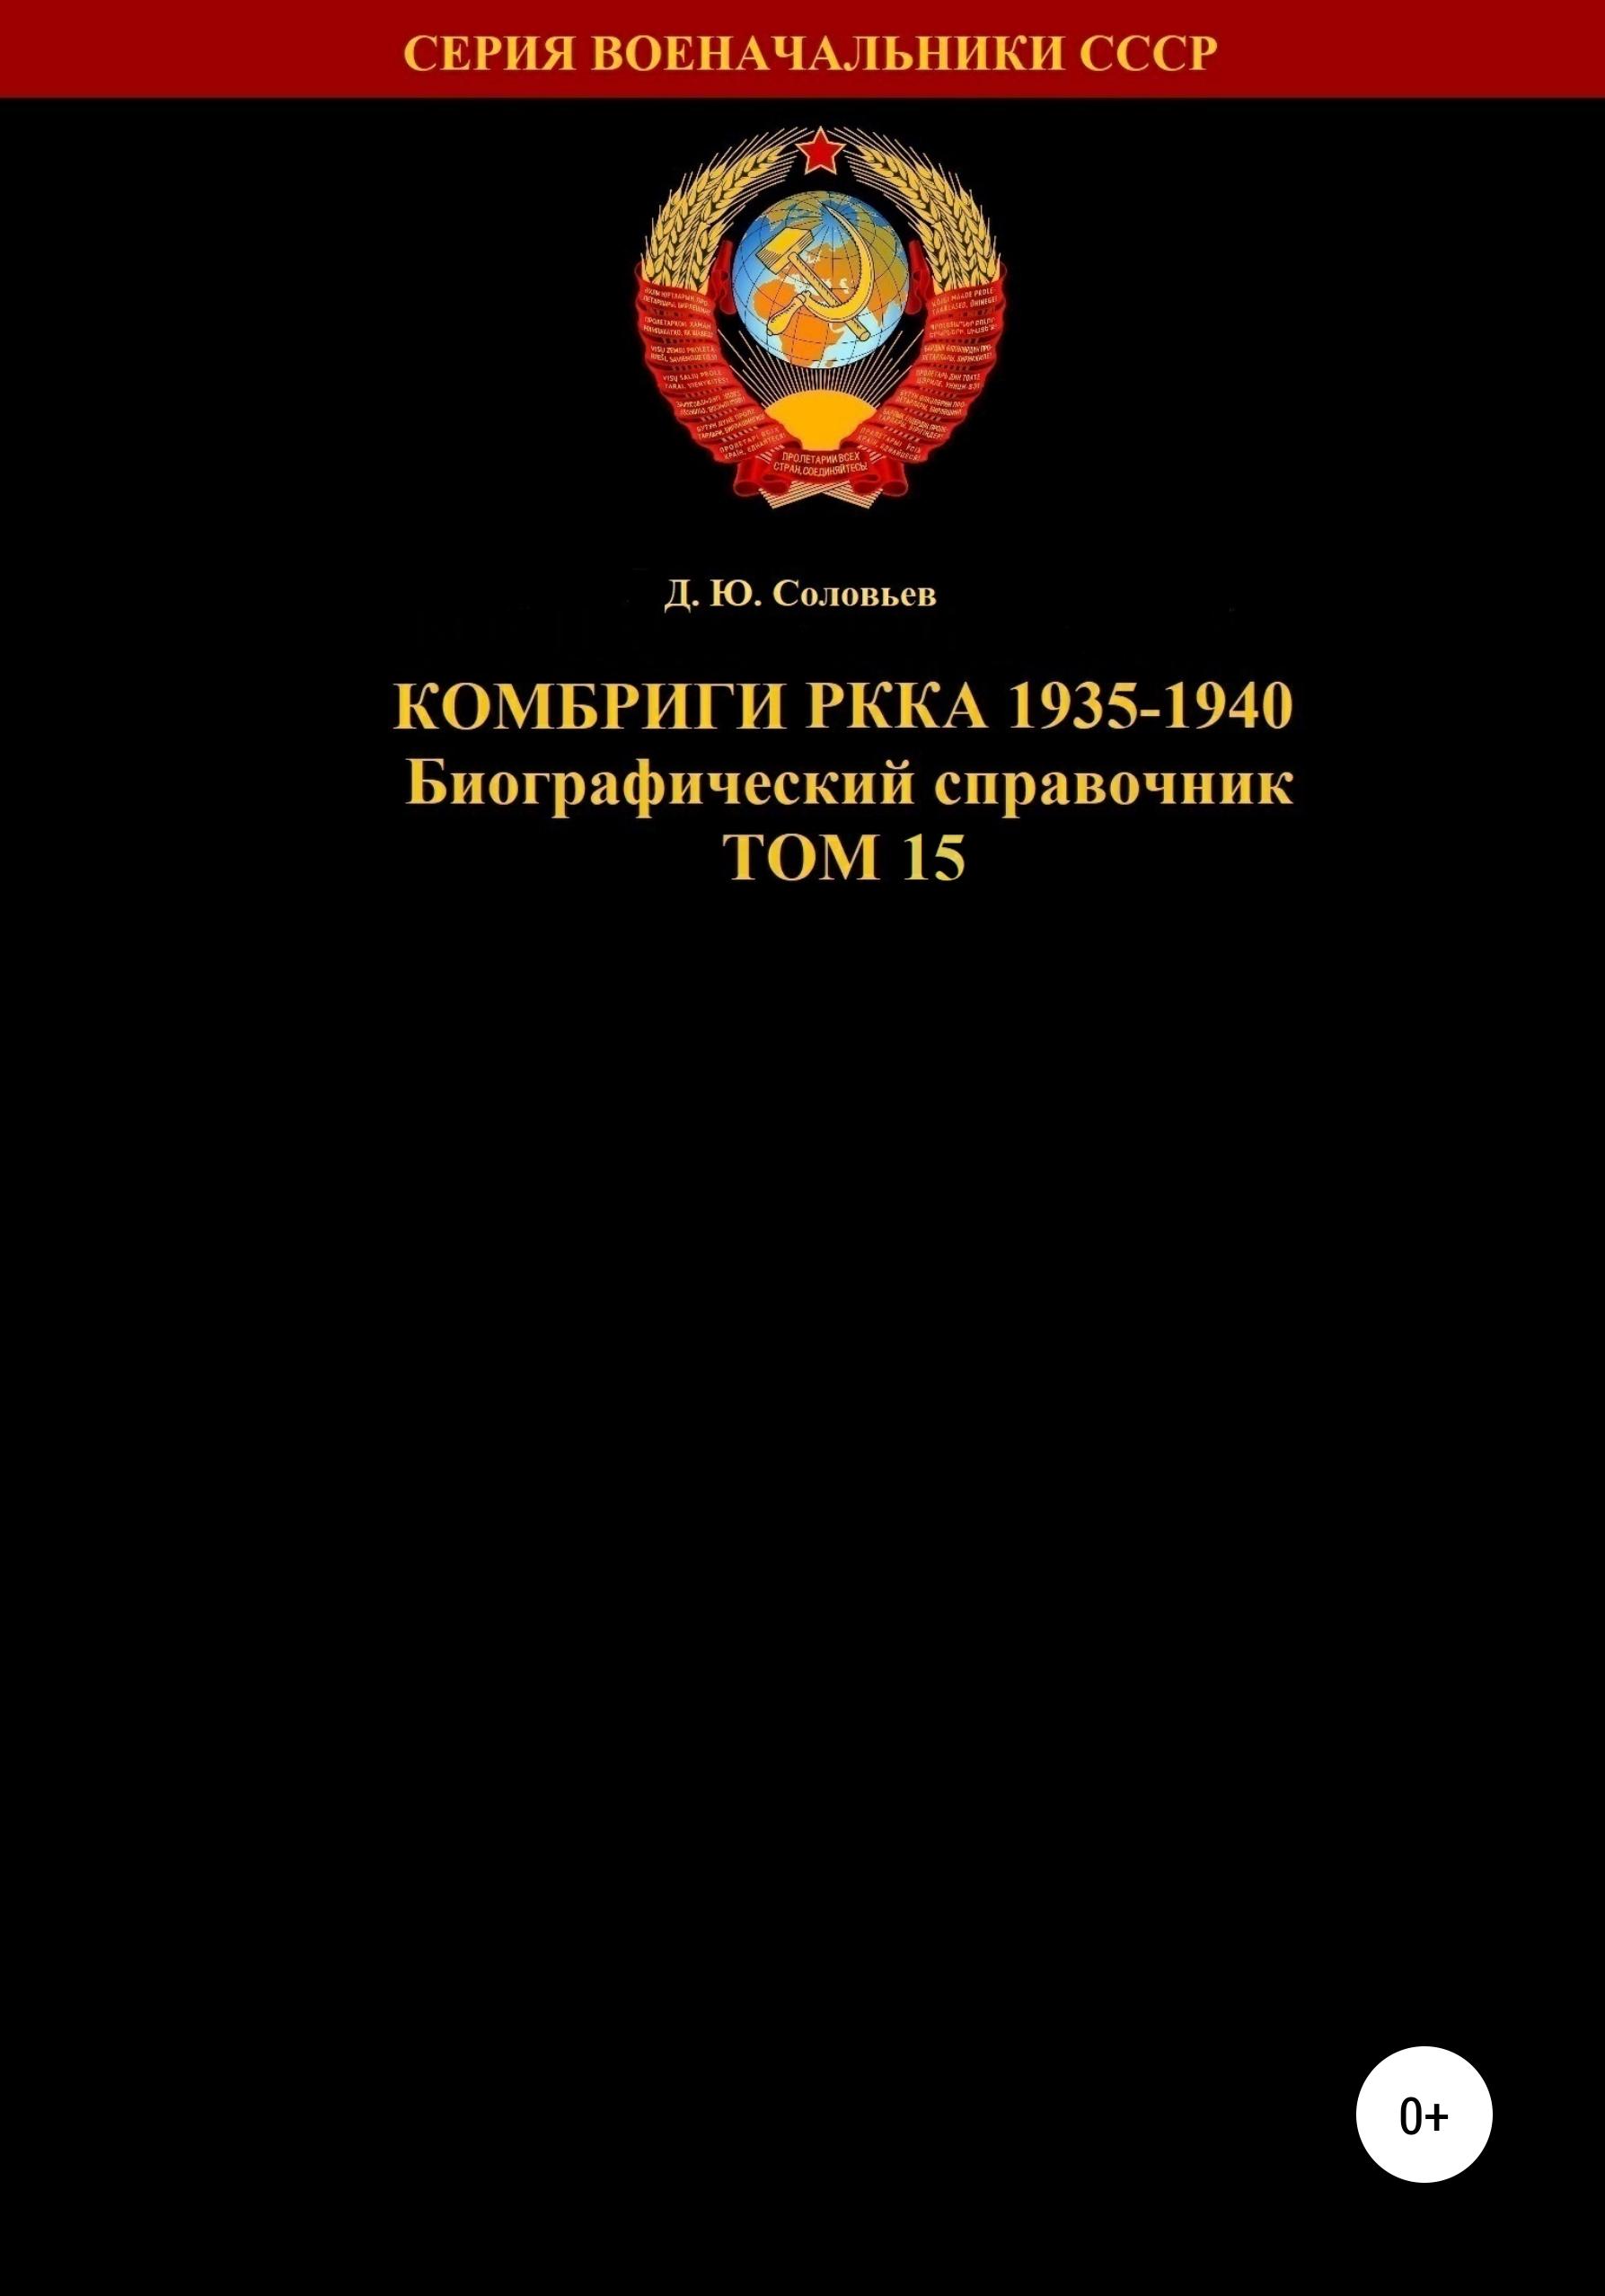 Комбриги РККА 1935-1940. Том 15